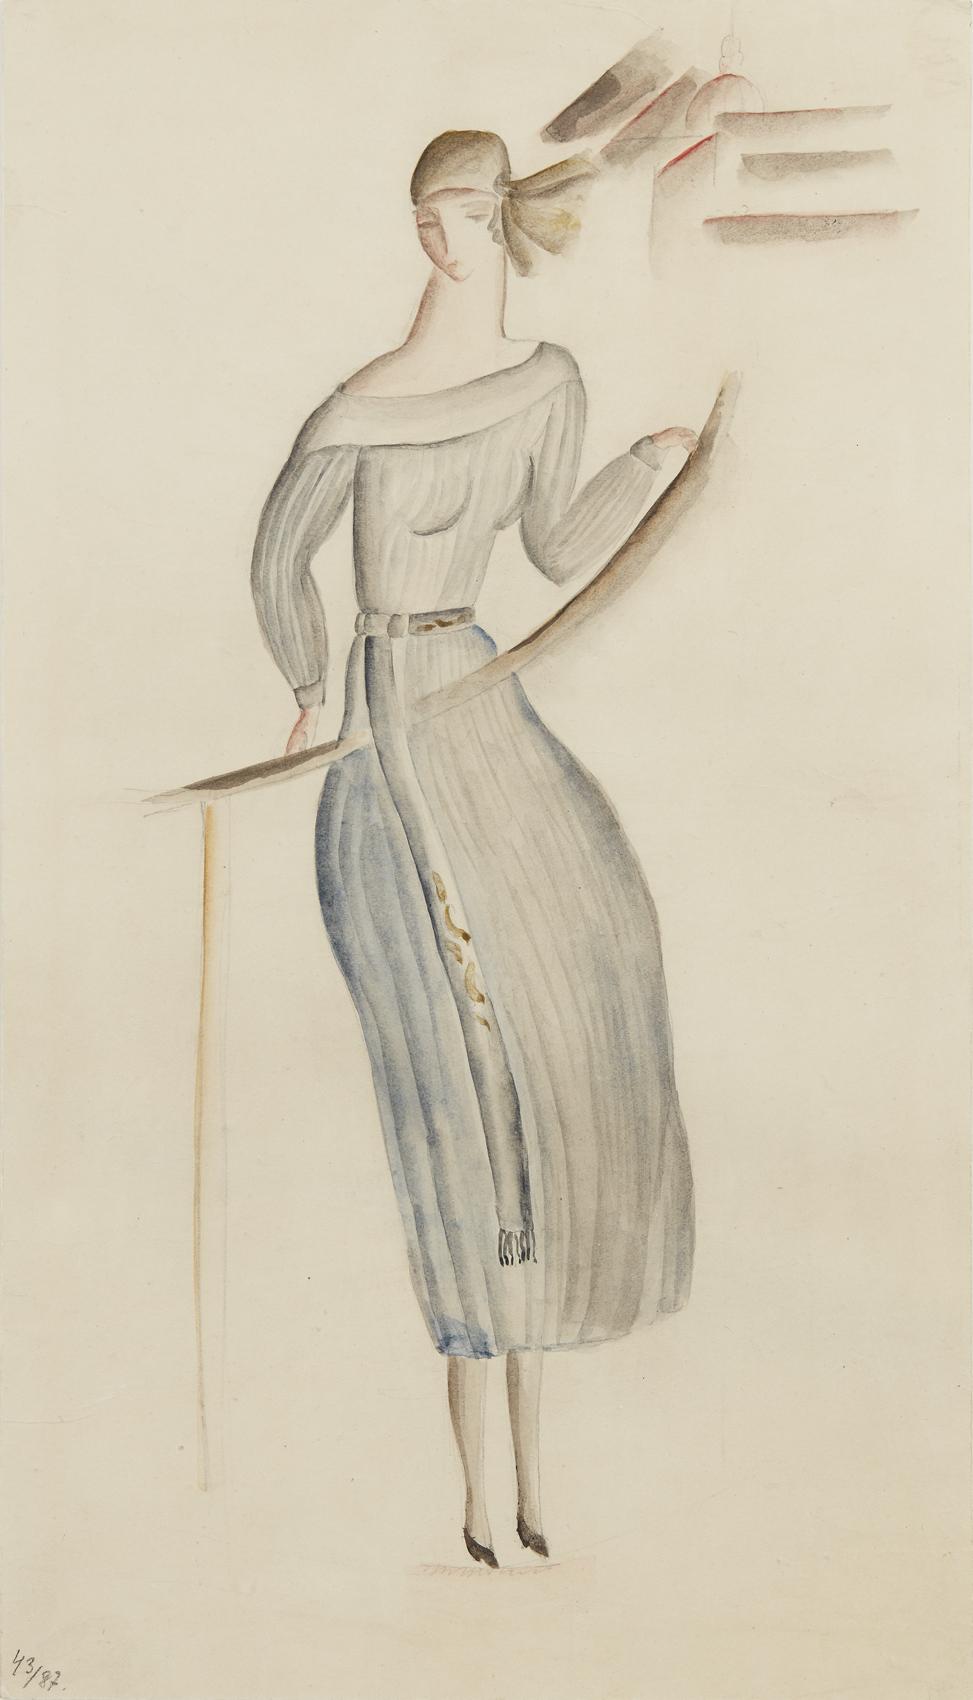 Siri Derkert   Blågrå klänning, stiliserad stadsvy i bakgrunden  1917-21 Watercolor 30 x 17 cm